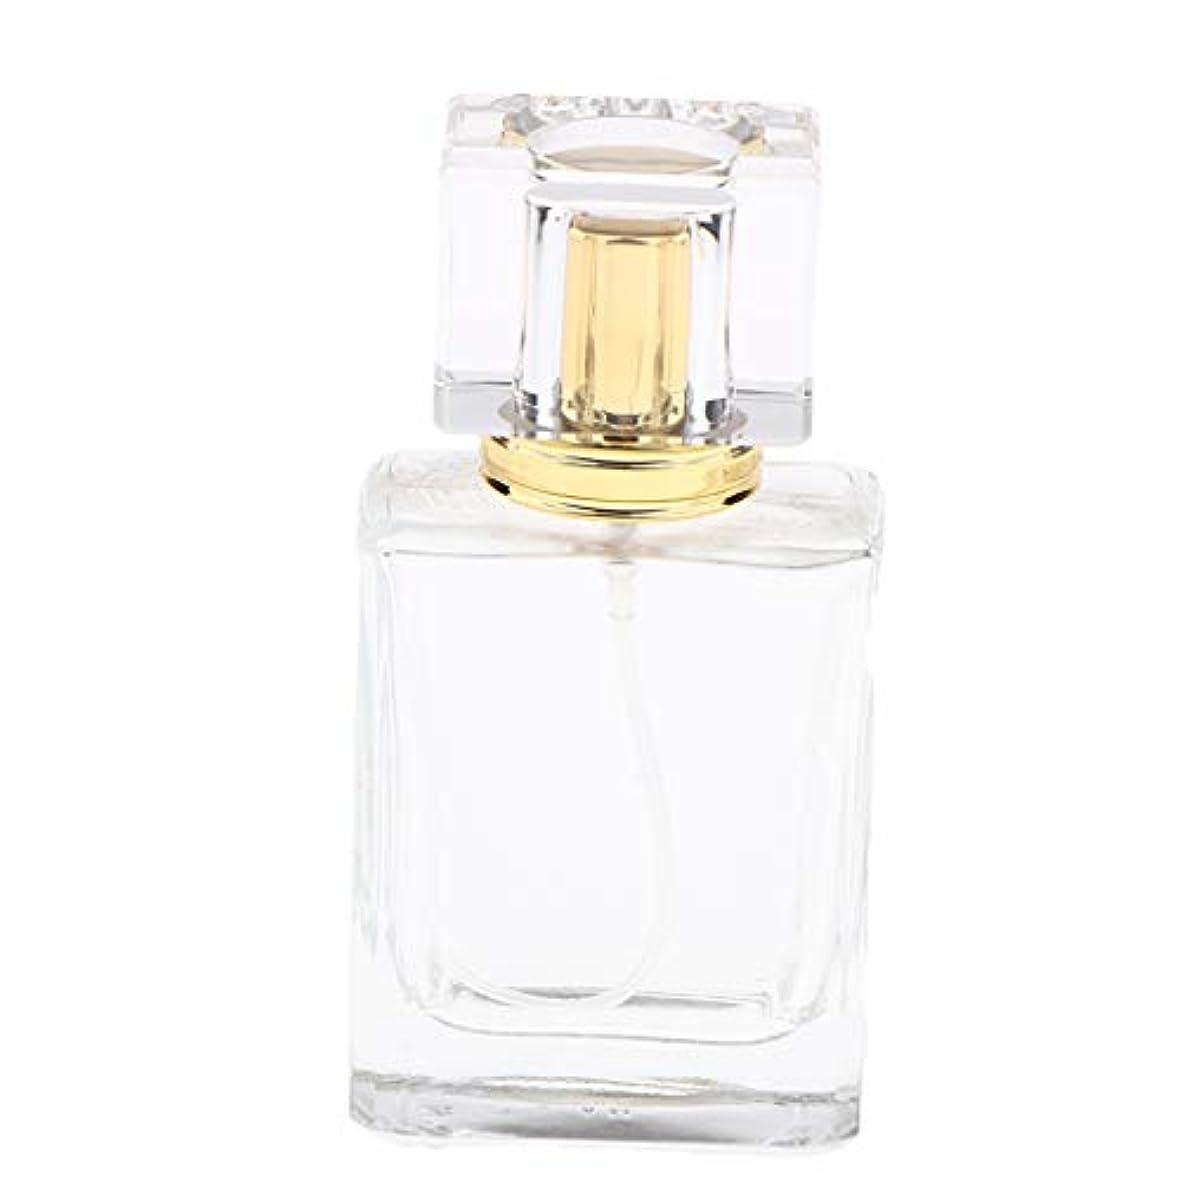 示す排除バックグラウンドSharplace 香水瓶 ポンプ式 ボトル 50ml 香水スプレーボトル 化粧水 詰め替え式 アロマオイル瓶 全5種 - ゴールデンキャップ